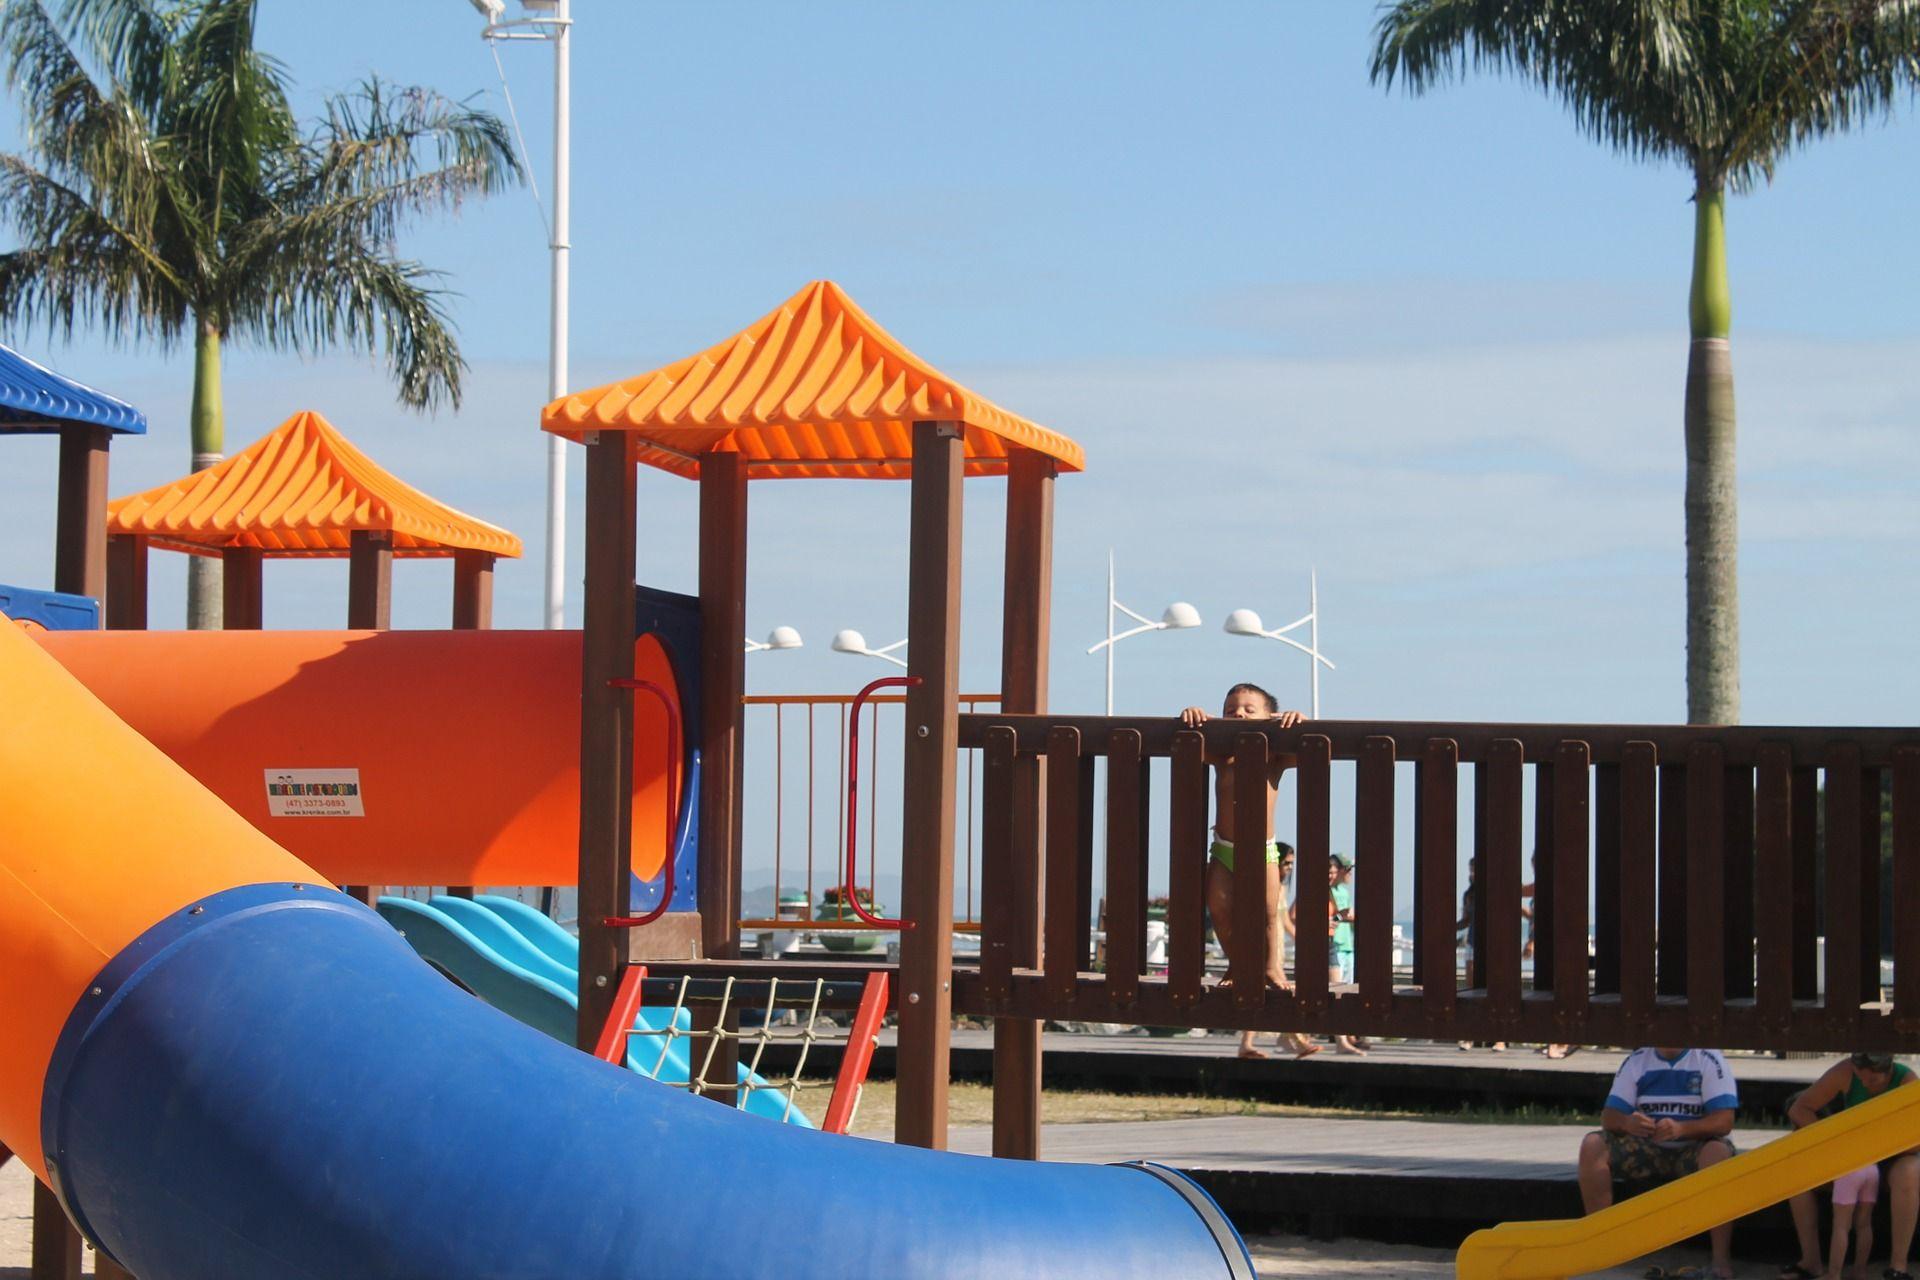 Parques infantiles: Servicios  de ASG Construcciones Innovadoras Sostenibles